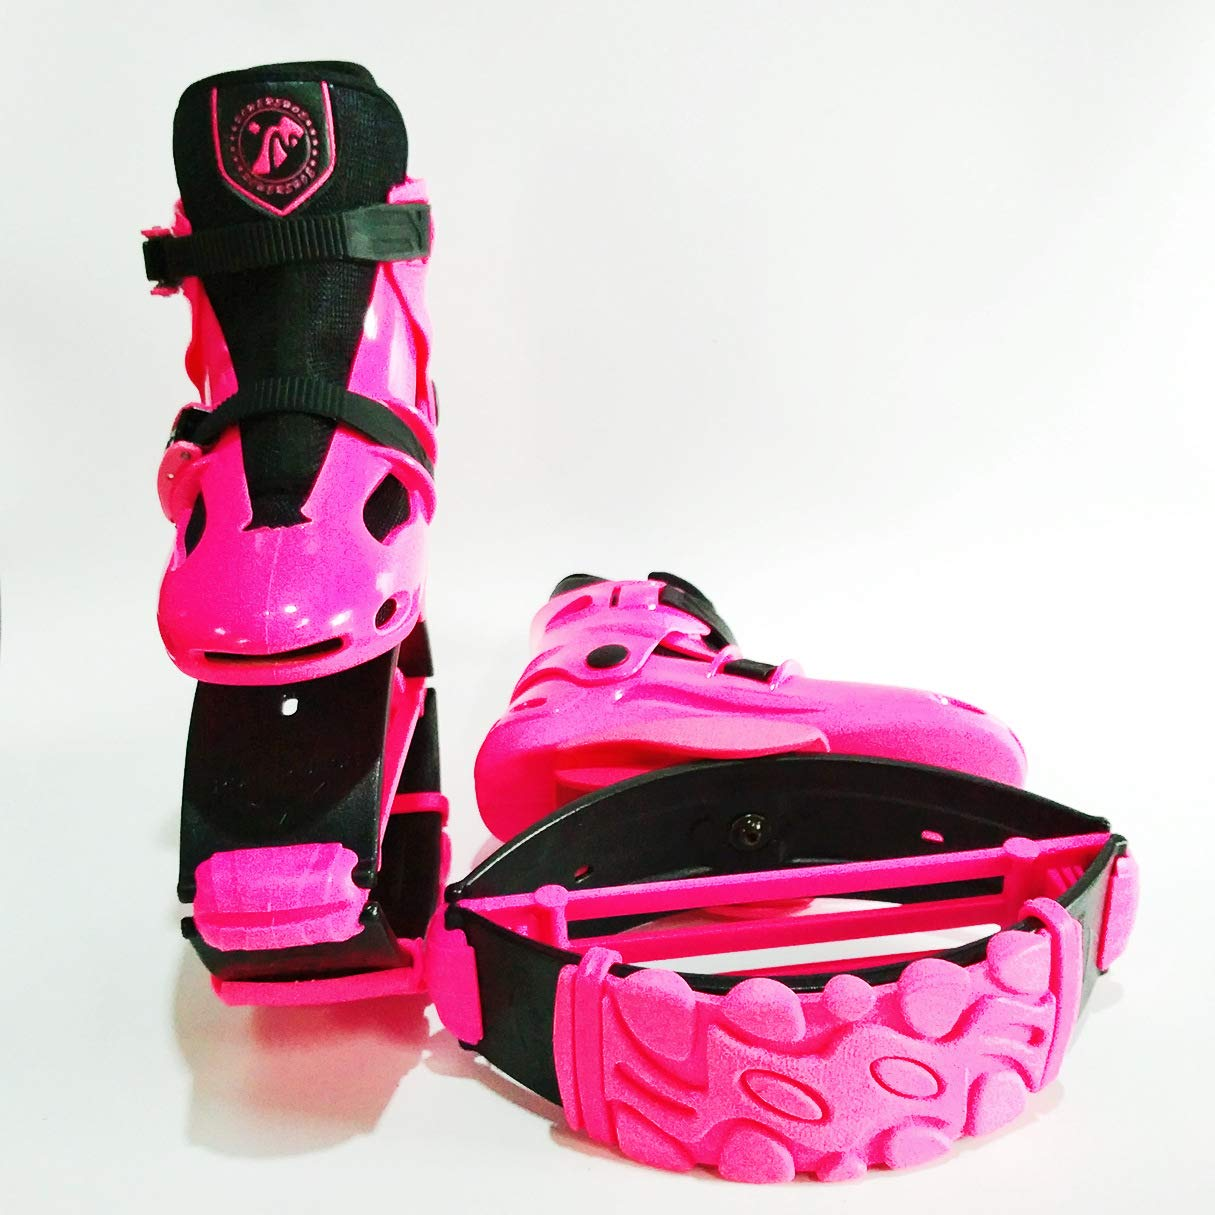 Zapatillas antigravitacionales Zapatillas de Sorgo para Correr en volcada Unisex HLDUYIN Zapatillas Deportivas para Saltar Equipos de Entrenamiento de Equilibrio para ni/ños